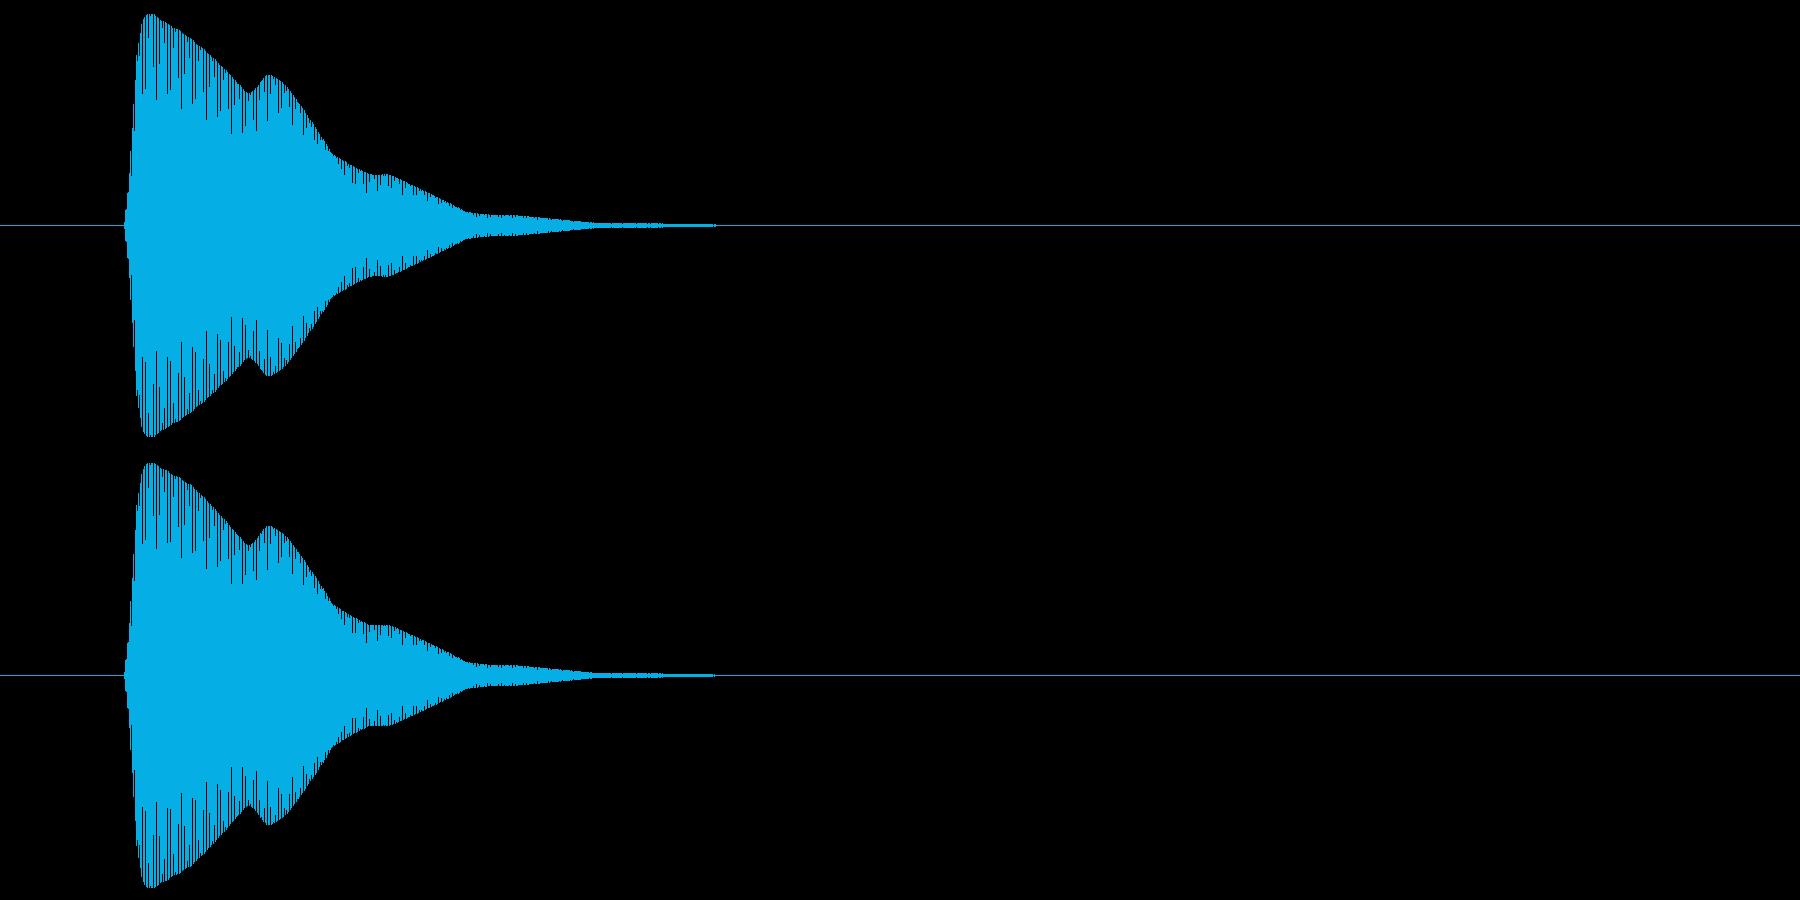 ピッ(カーソル、操作音) 02の再生済みの波形